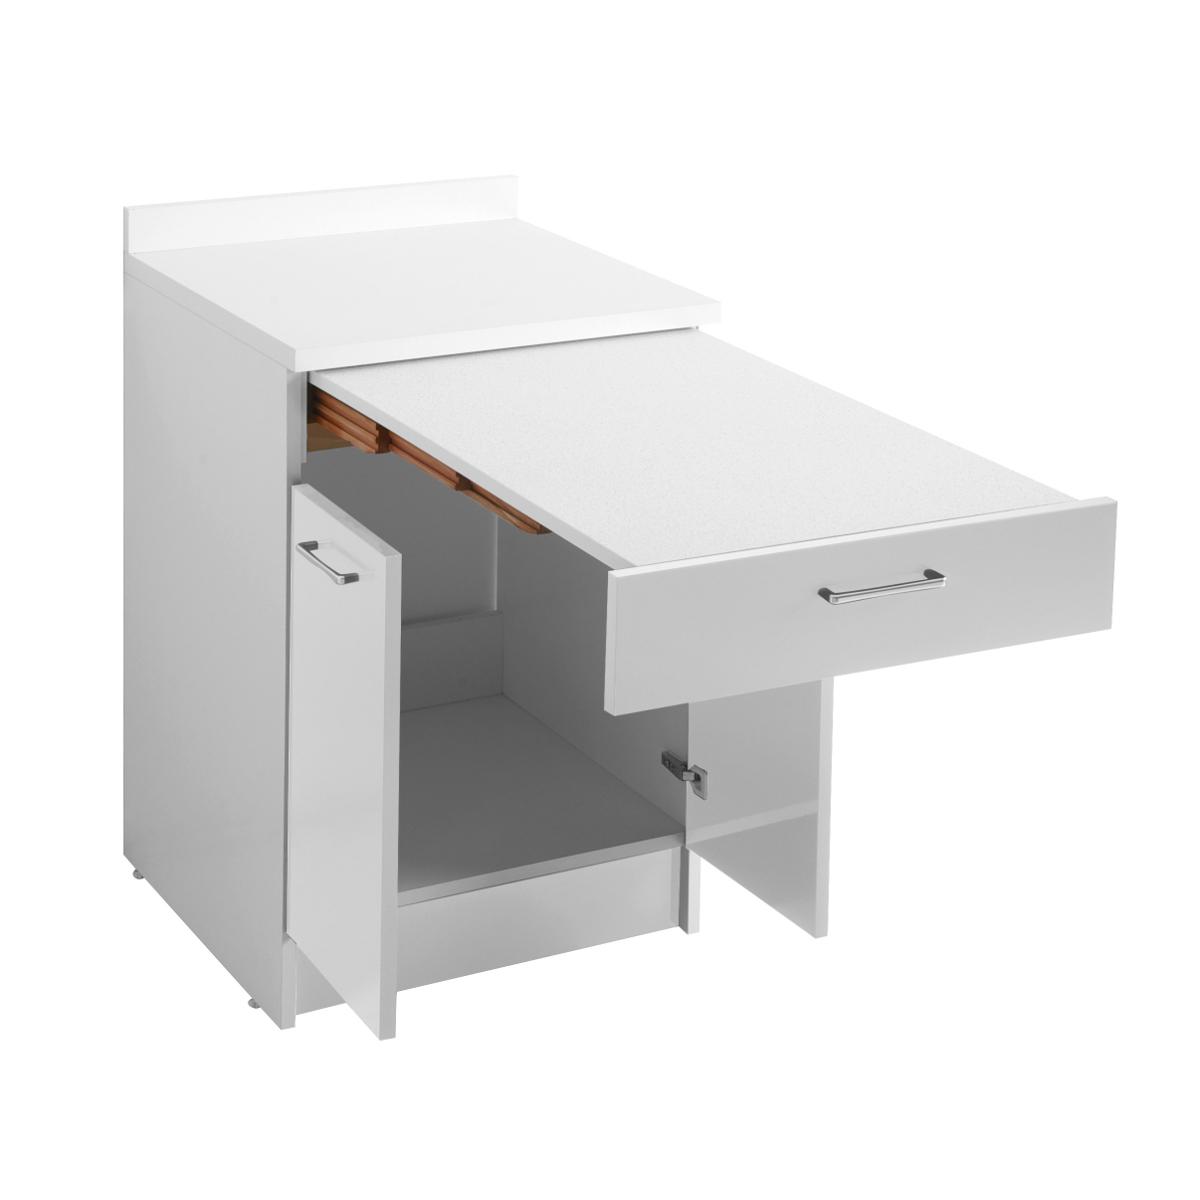 Ikea Cucina Tavolo Estraibile | Tavolo Estraibile Cucina Lube Meglio ...